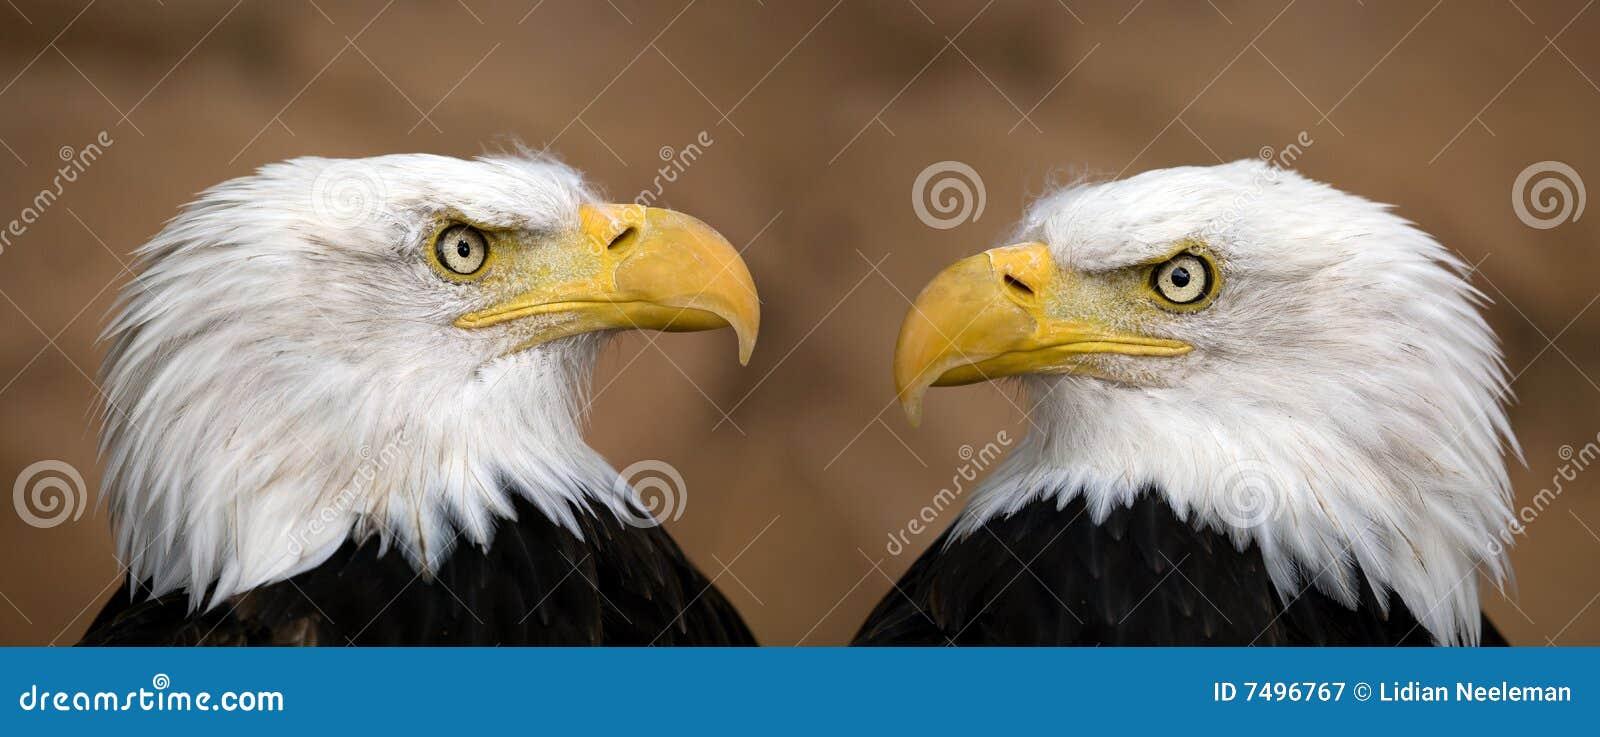 Aigles chauves américains